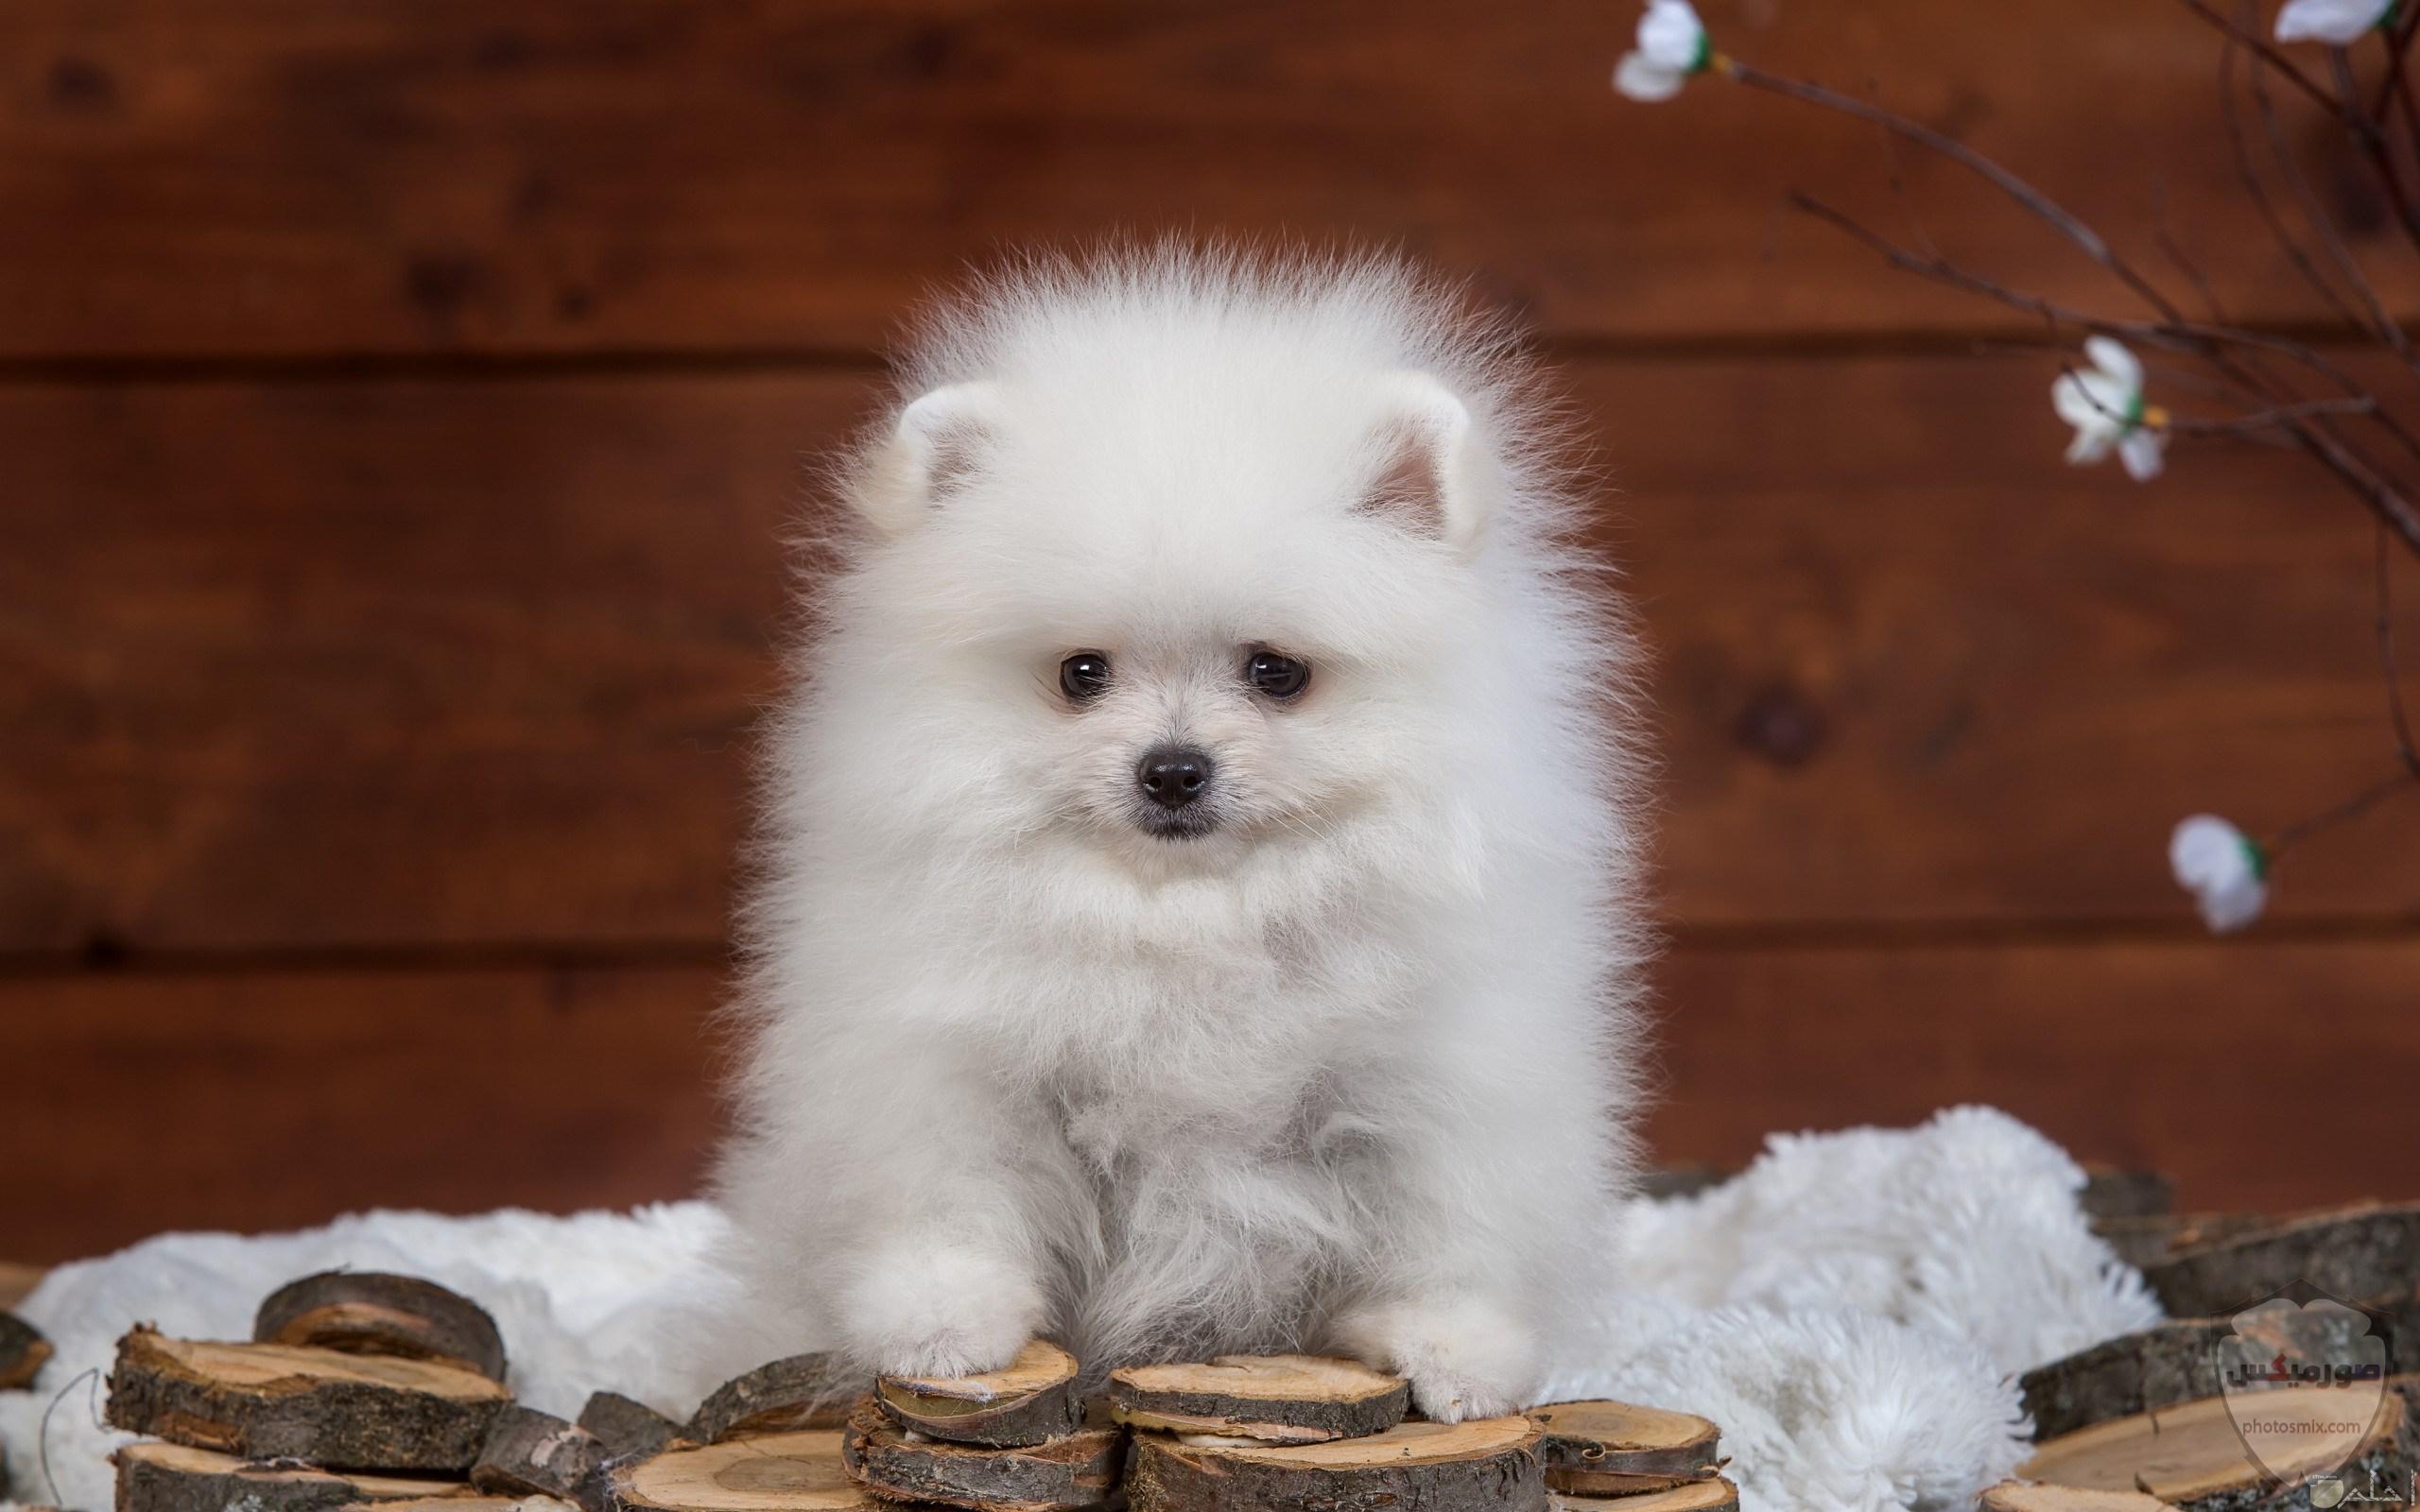 صور رمزيات حيوانات قطط كلاب ارانب كيوت خلفيات حيوانات جميلة للفيس بوك 7